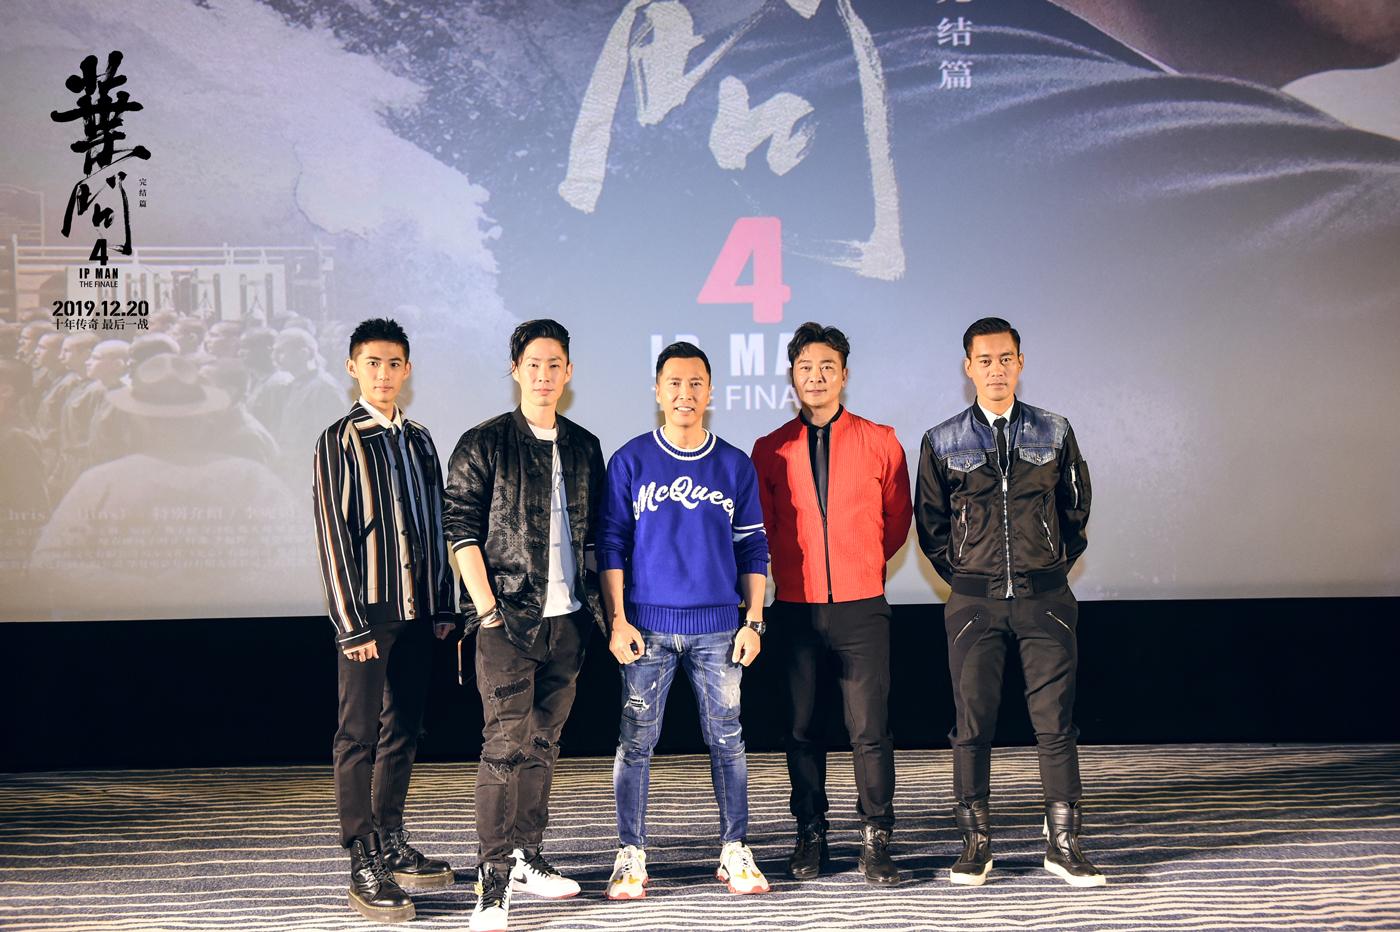 《叶问4》今日上映,甄子丹:希望是一个圆满的句号